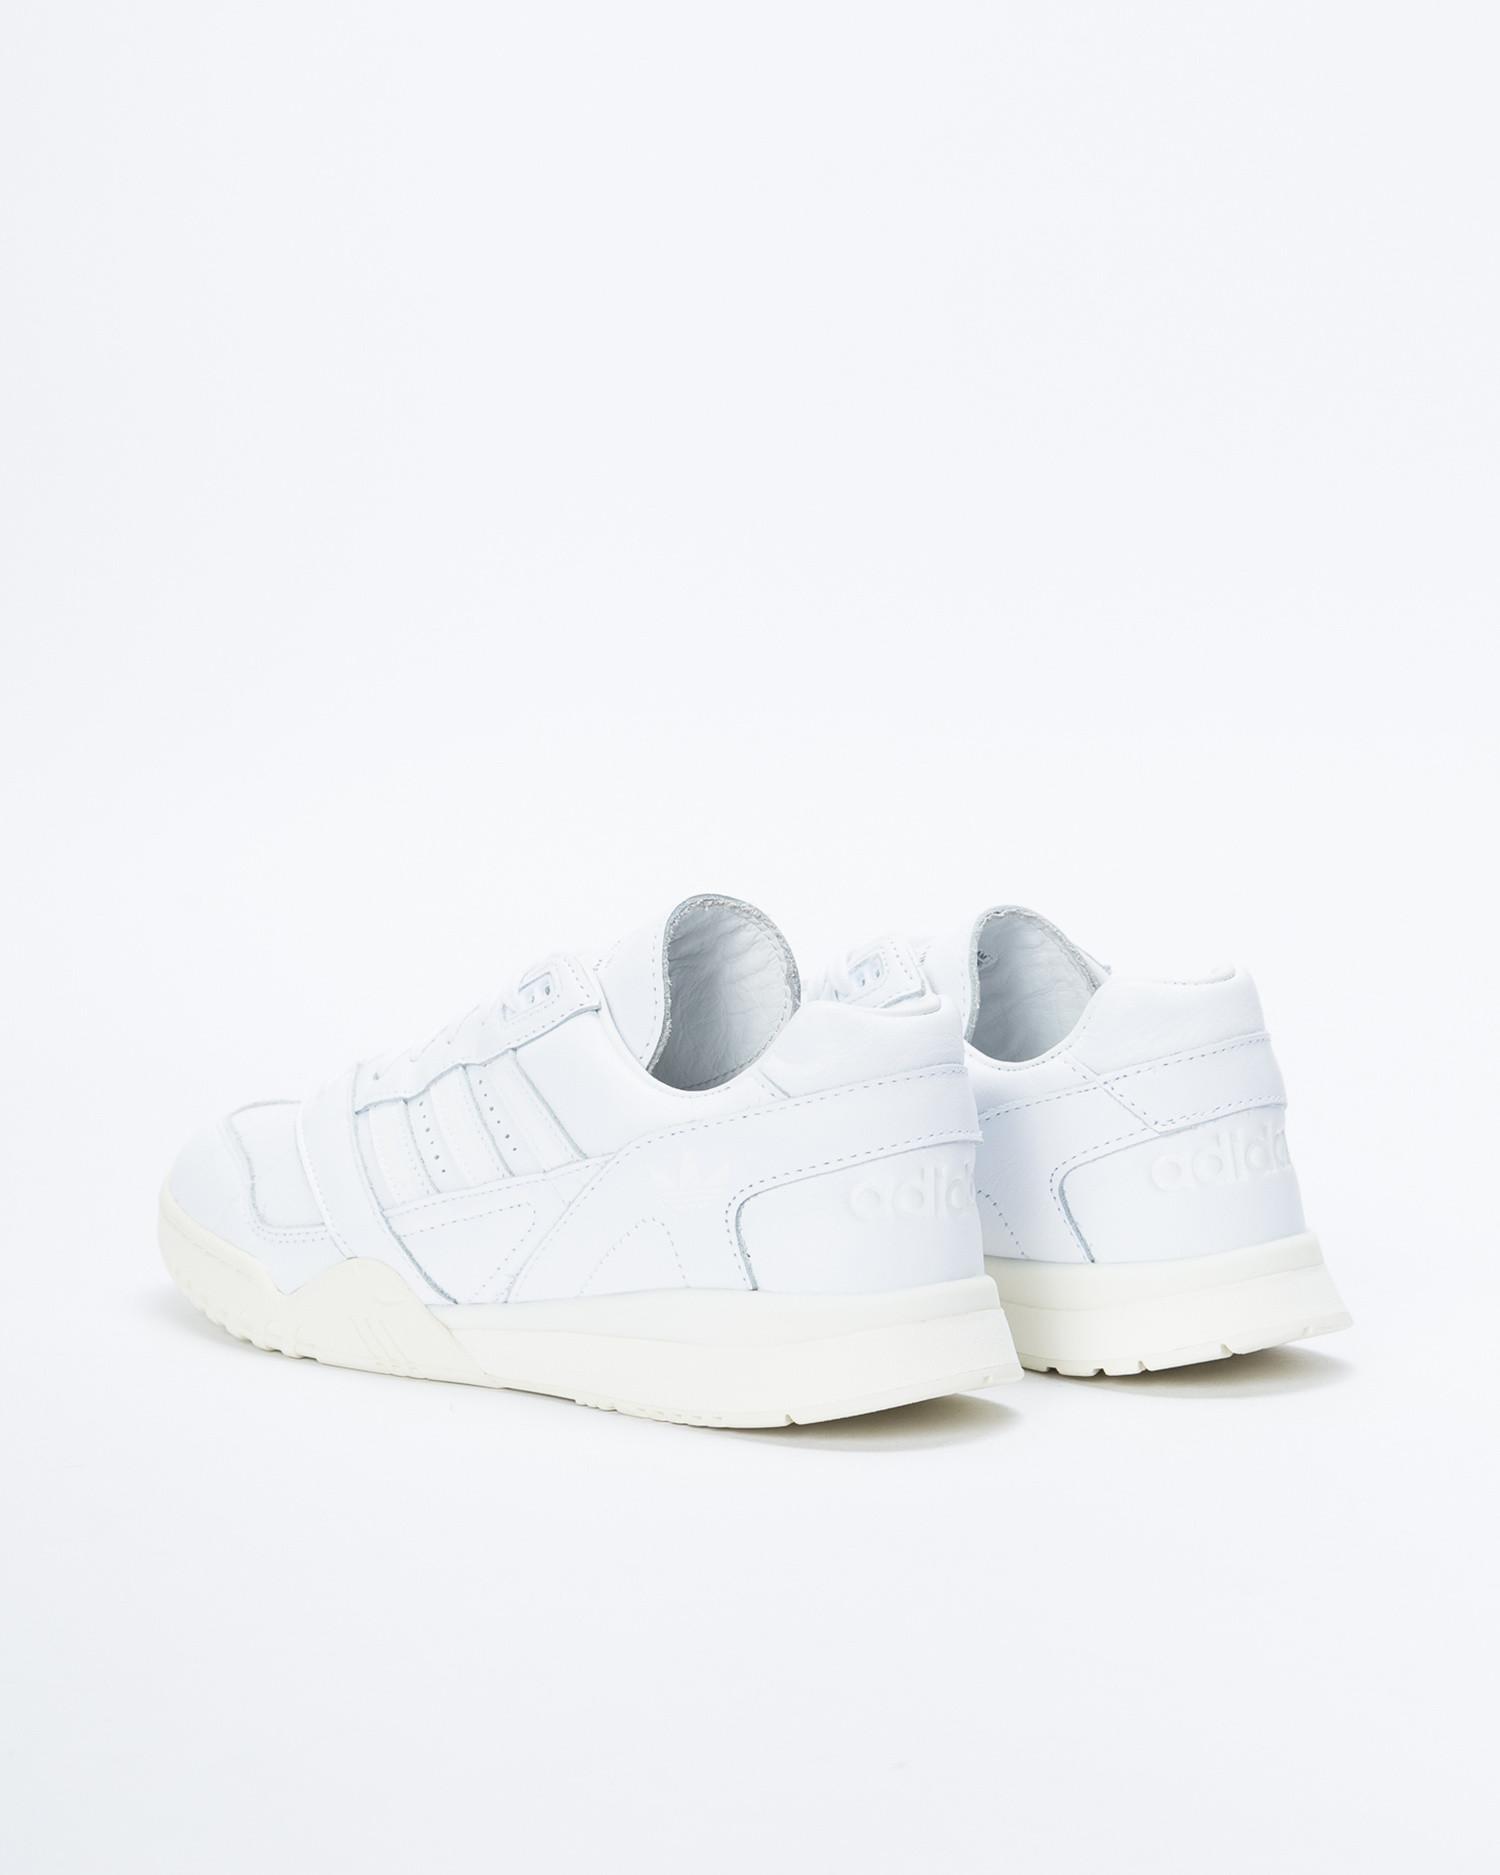 Adidas A.R. Trainer Ftwwht/Ftwwht/Owhite